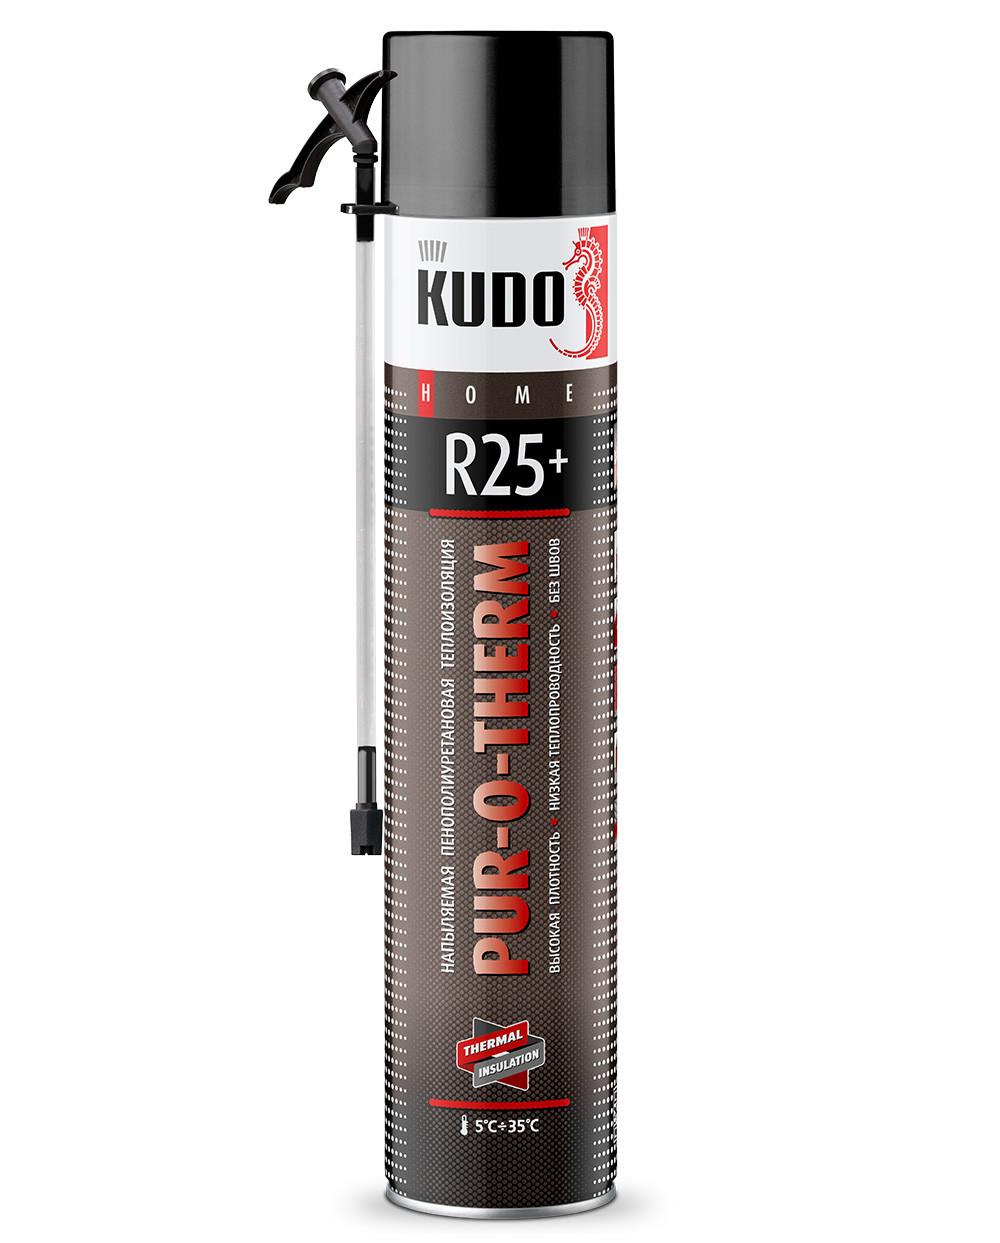 Утеплитель в баллоне  KUDO (Кудо) PUR-O-THERM R25+ 1000мл. Повышенная плотность. Купить в Киеве